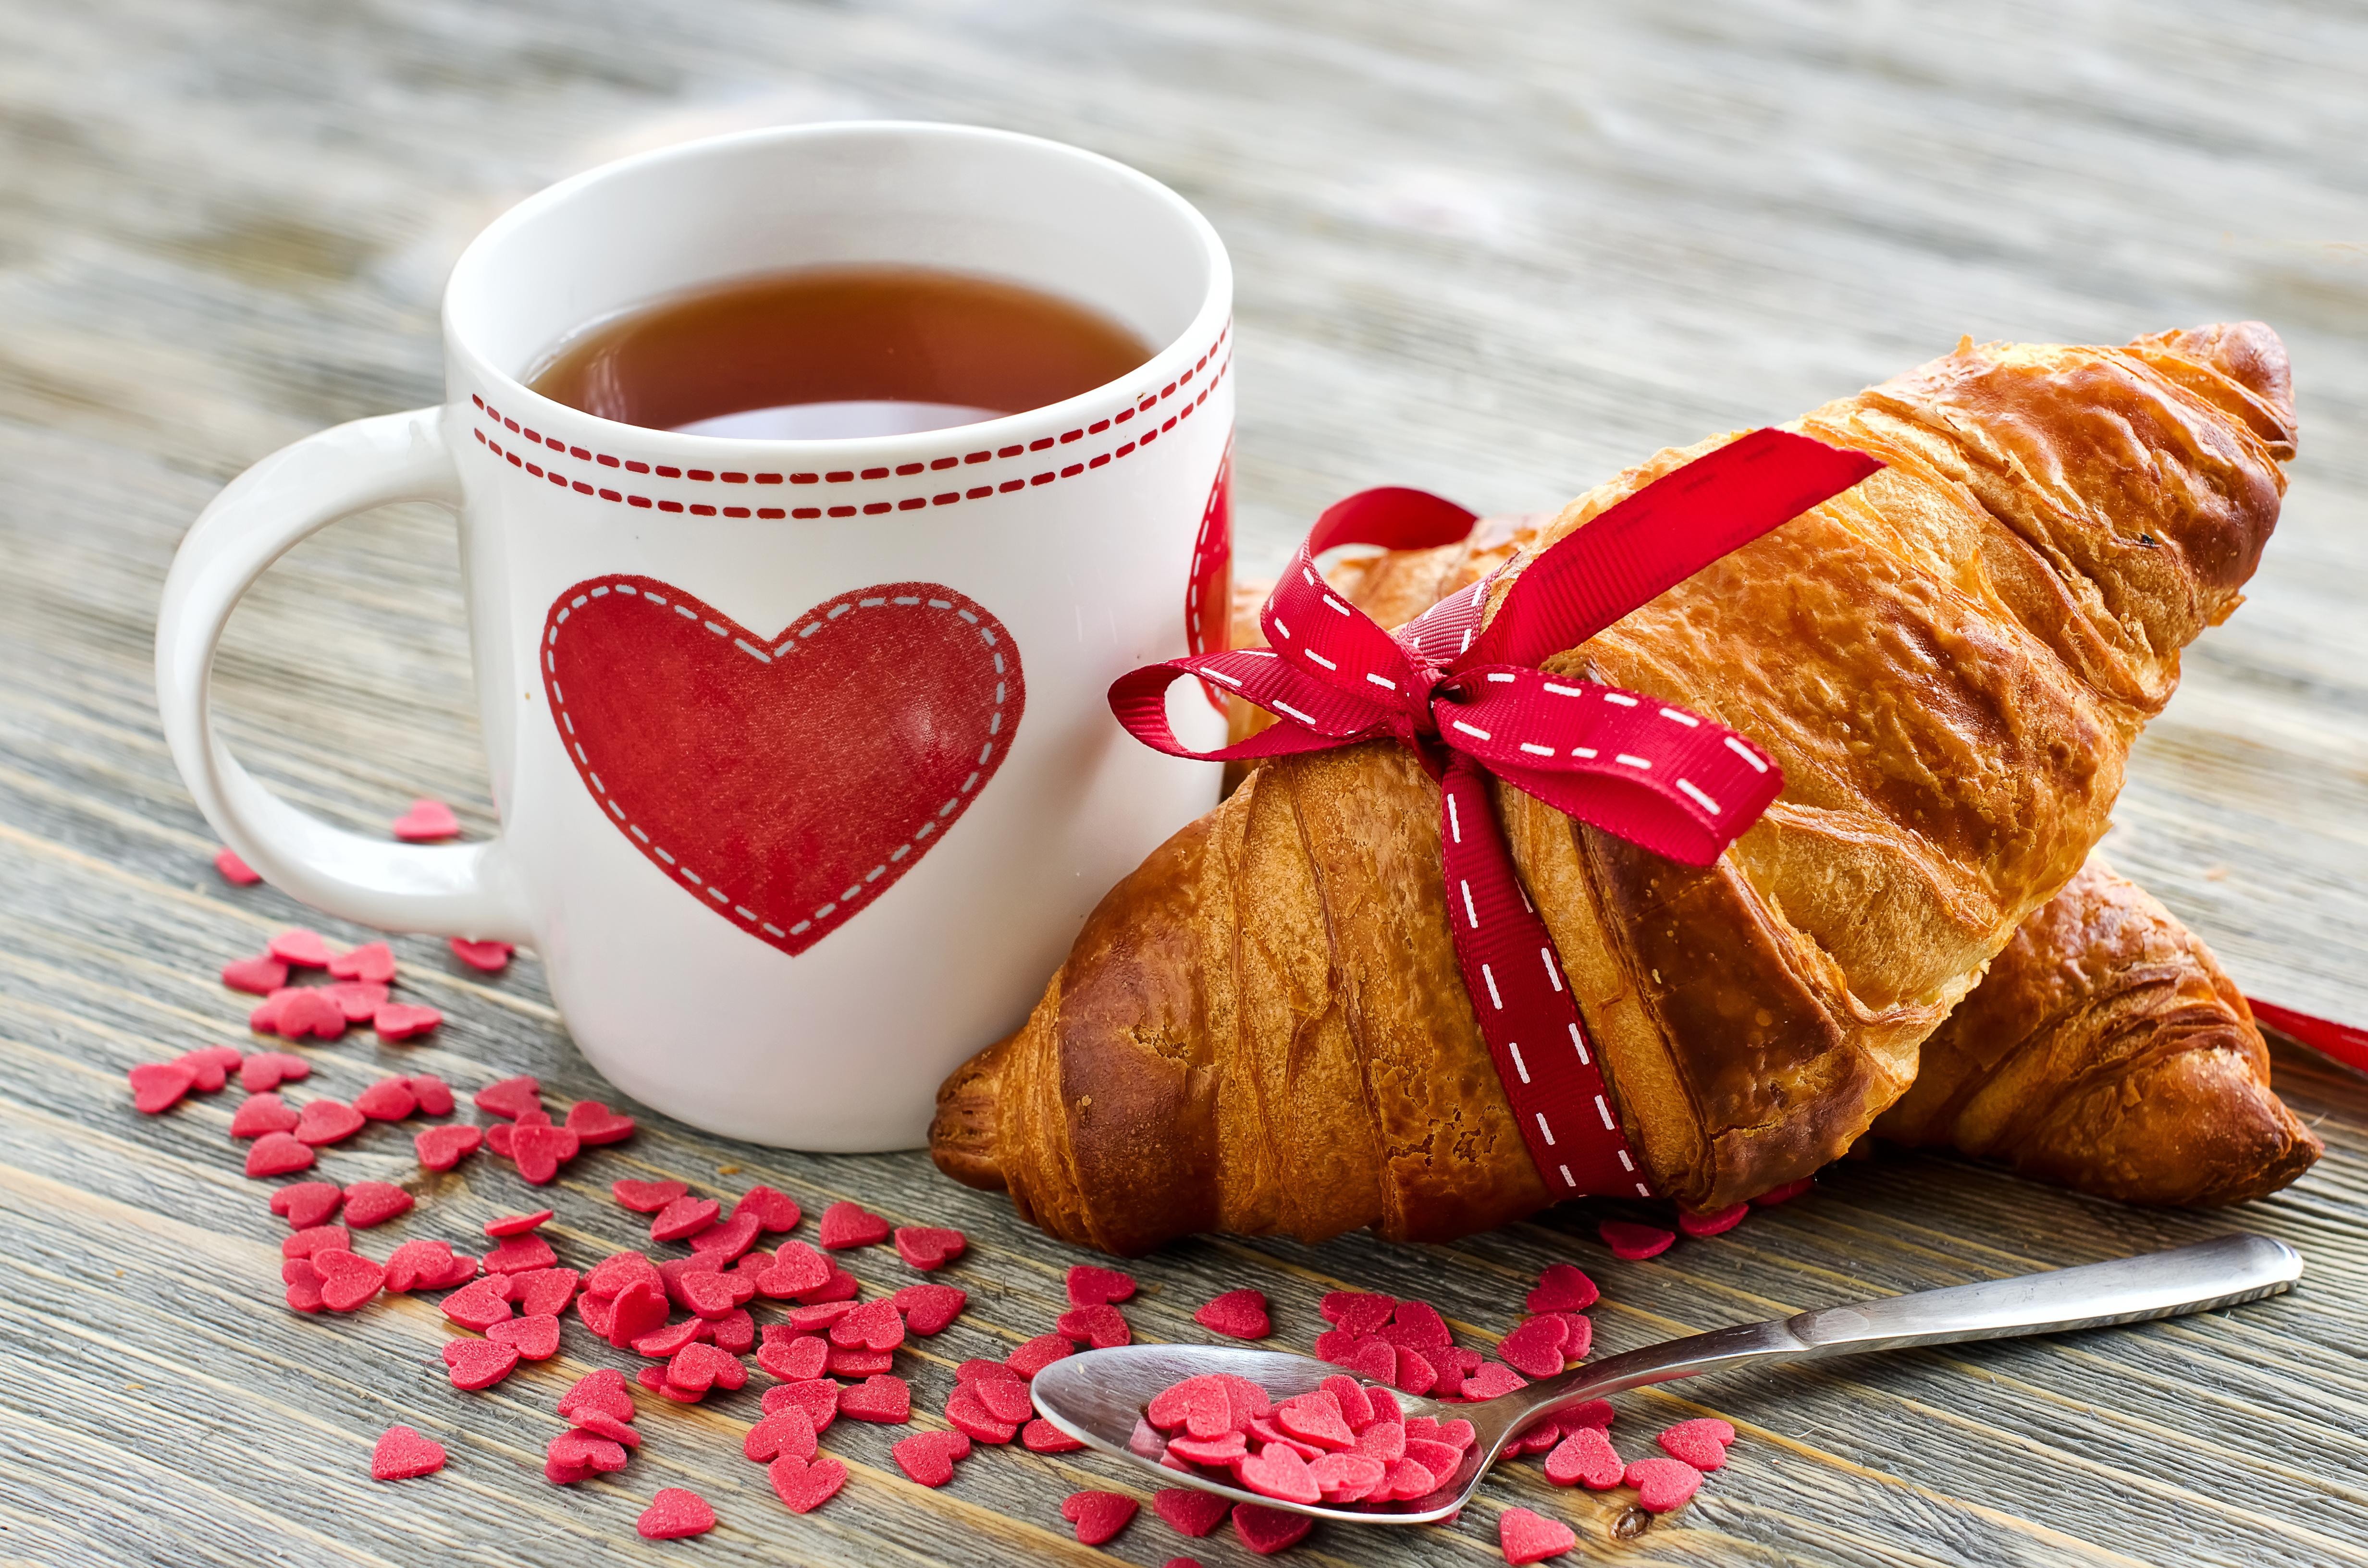 еда кофе хлеб любовь без смс